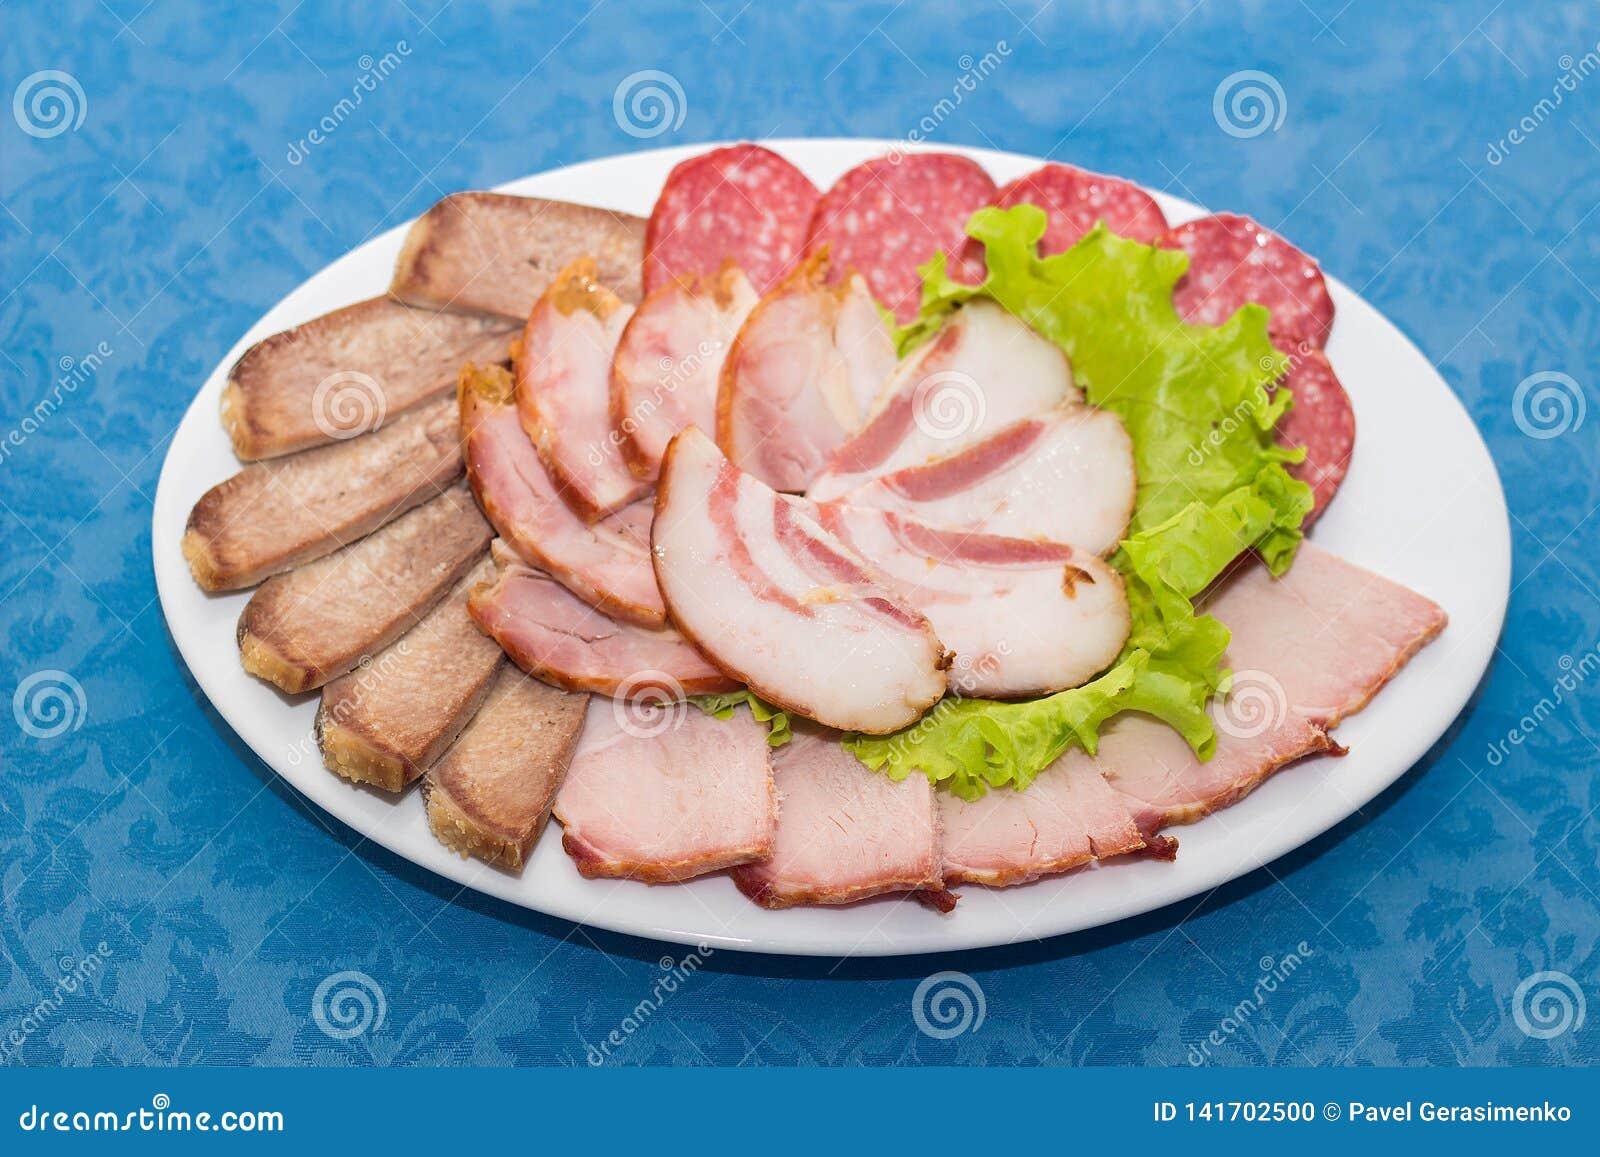 Mezcla de carne, de salchicha y de jamón cortados